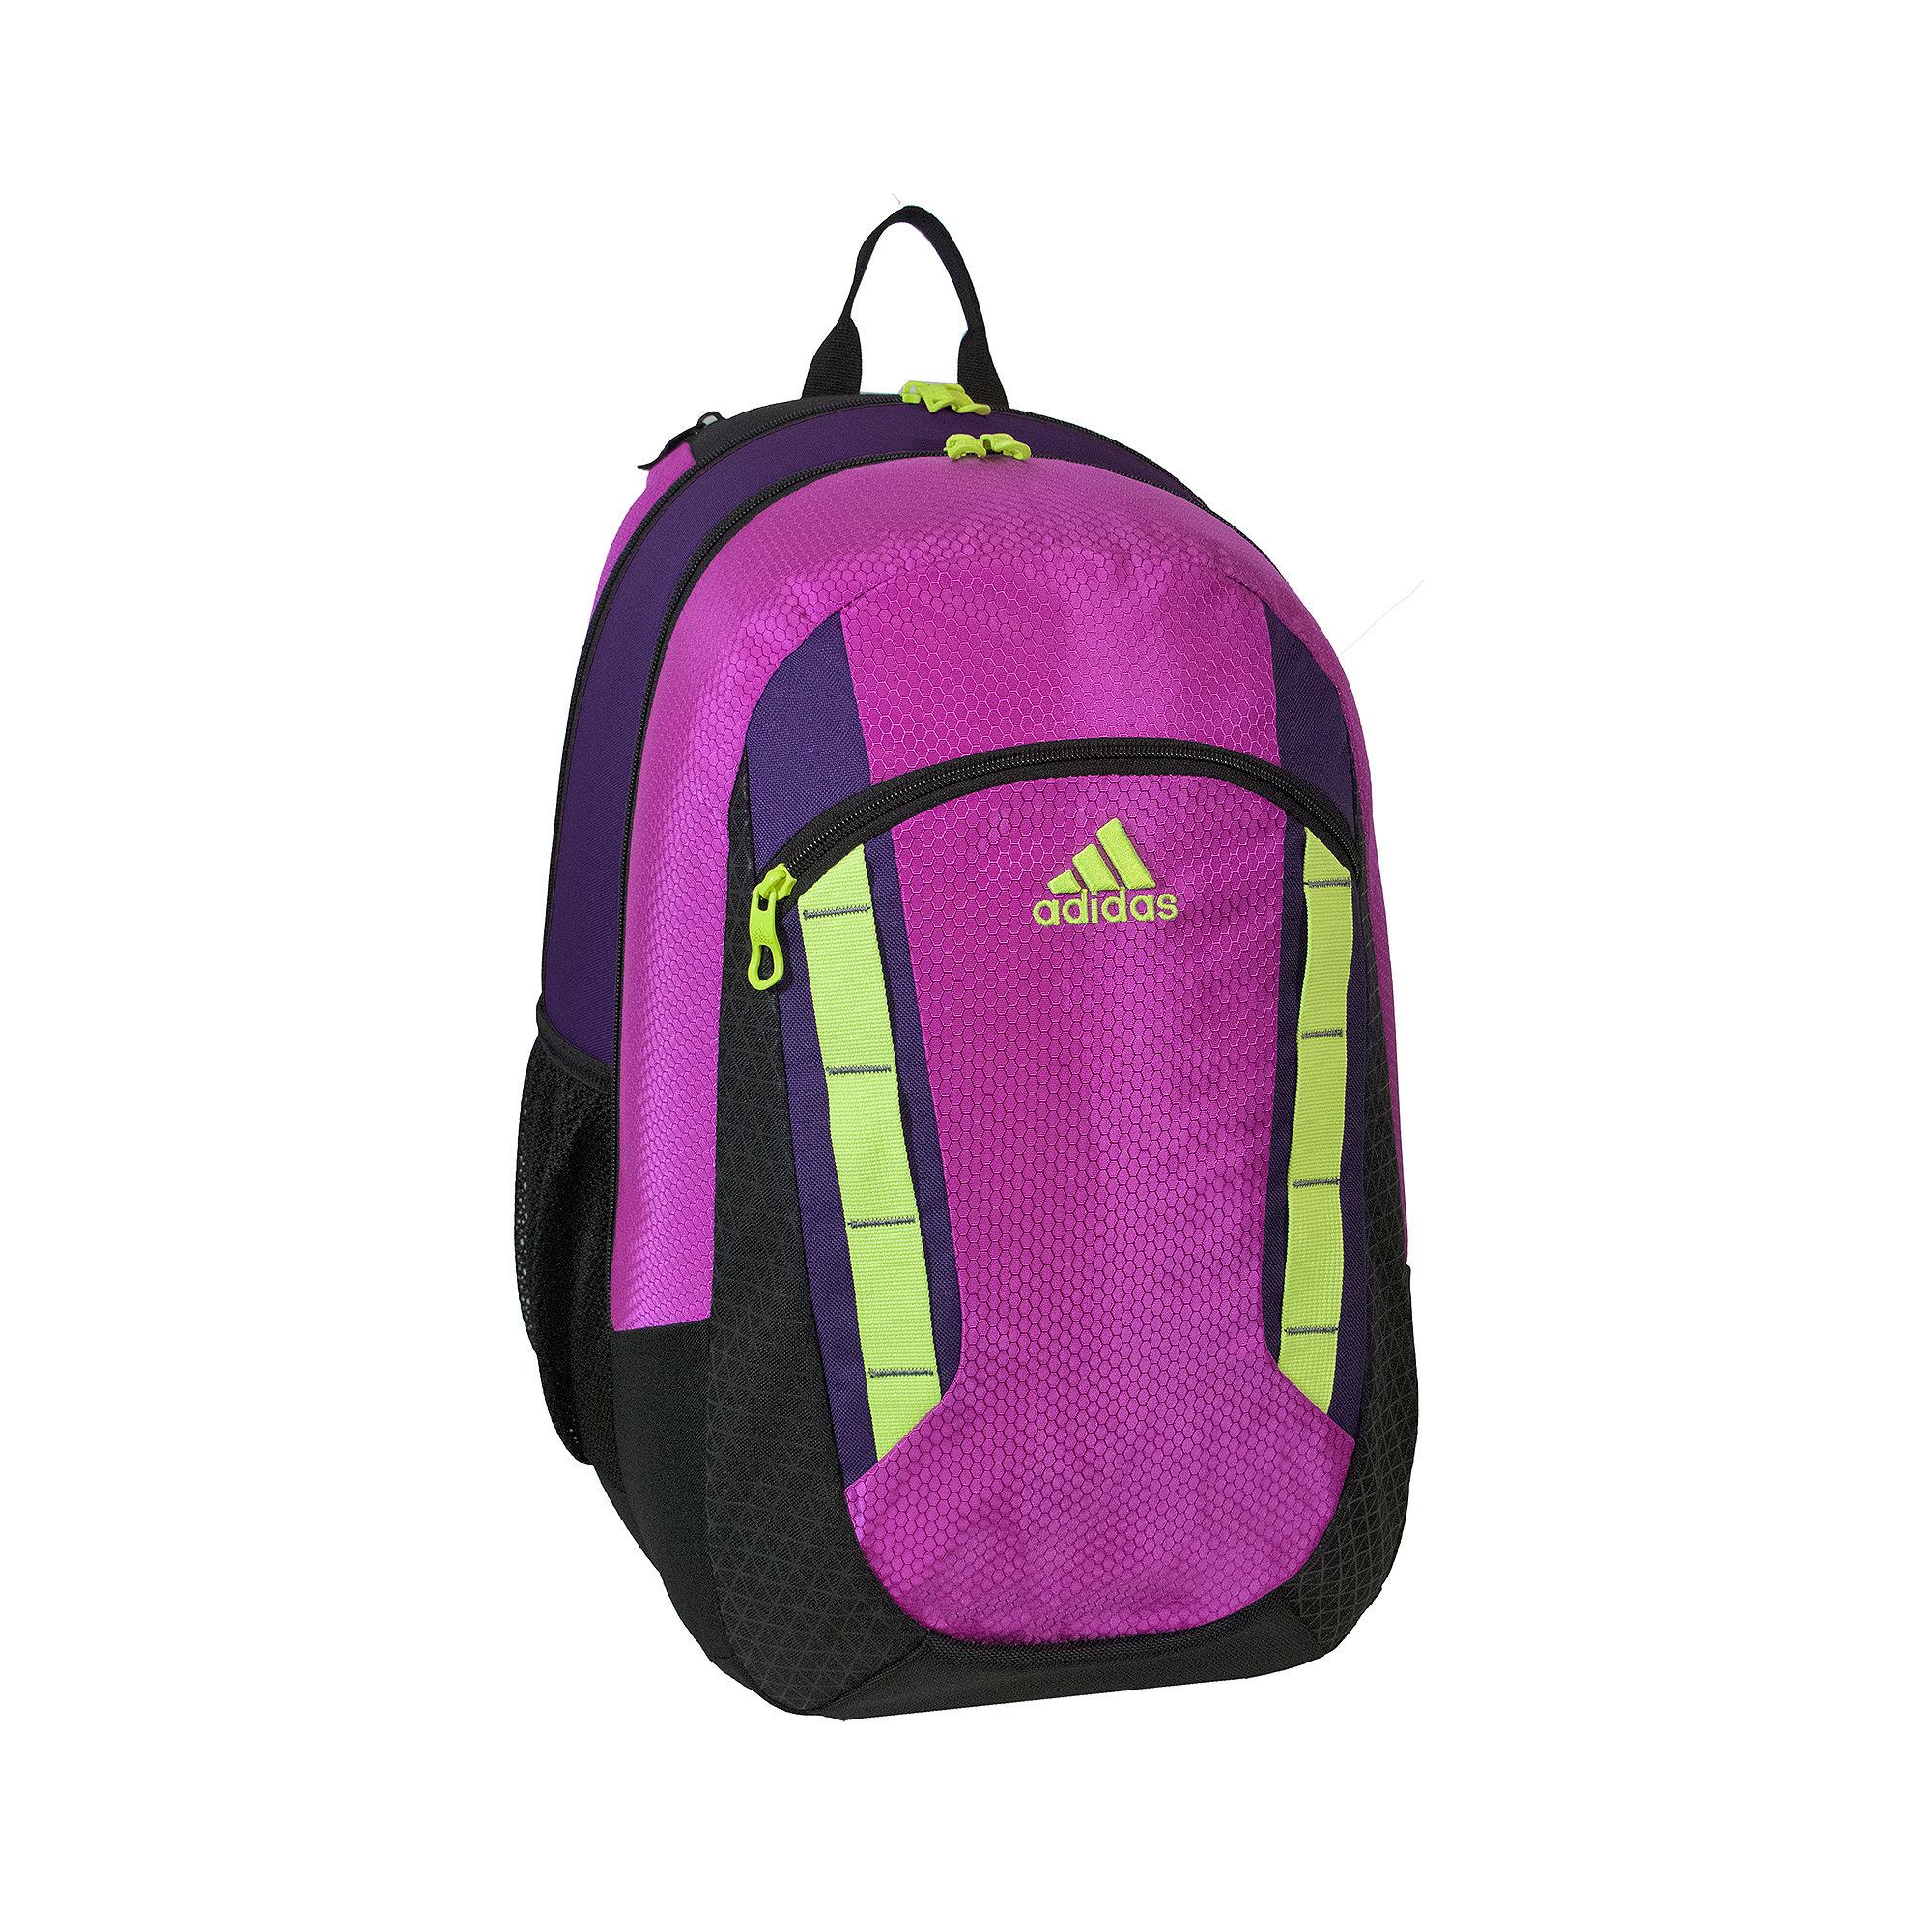 72d45e13da2c UPC 716106751035 - adidas Excel Backpack